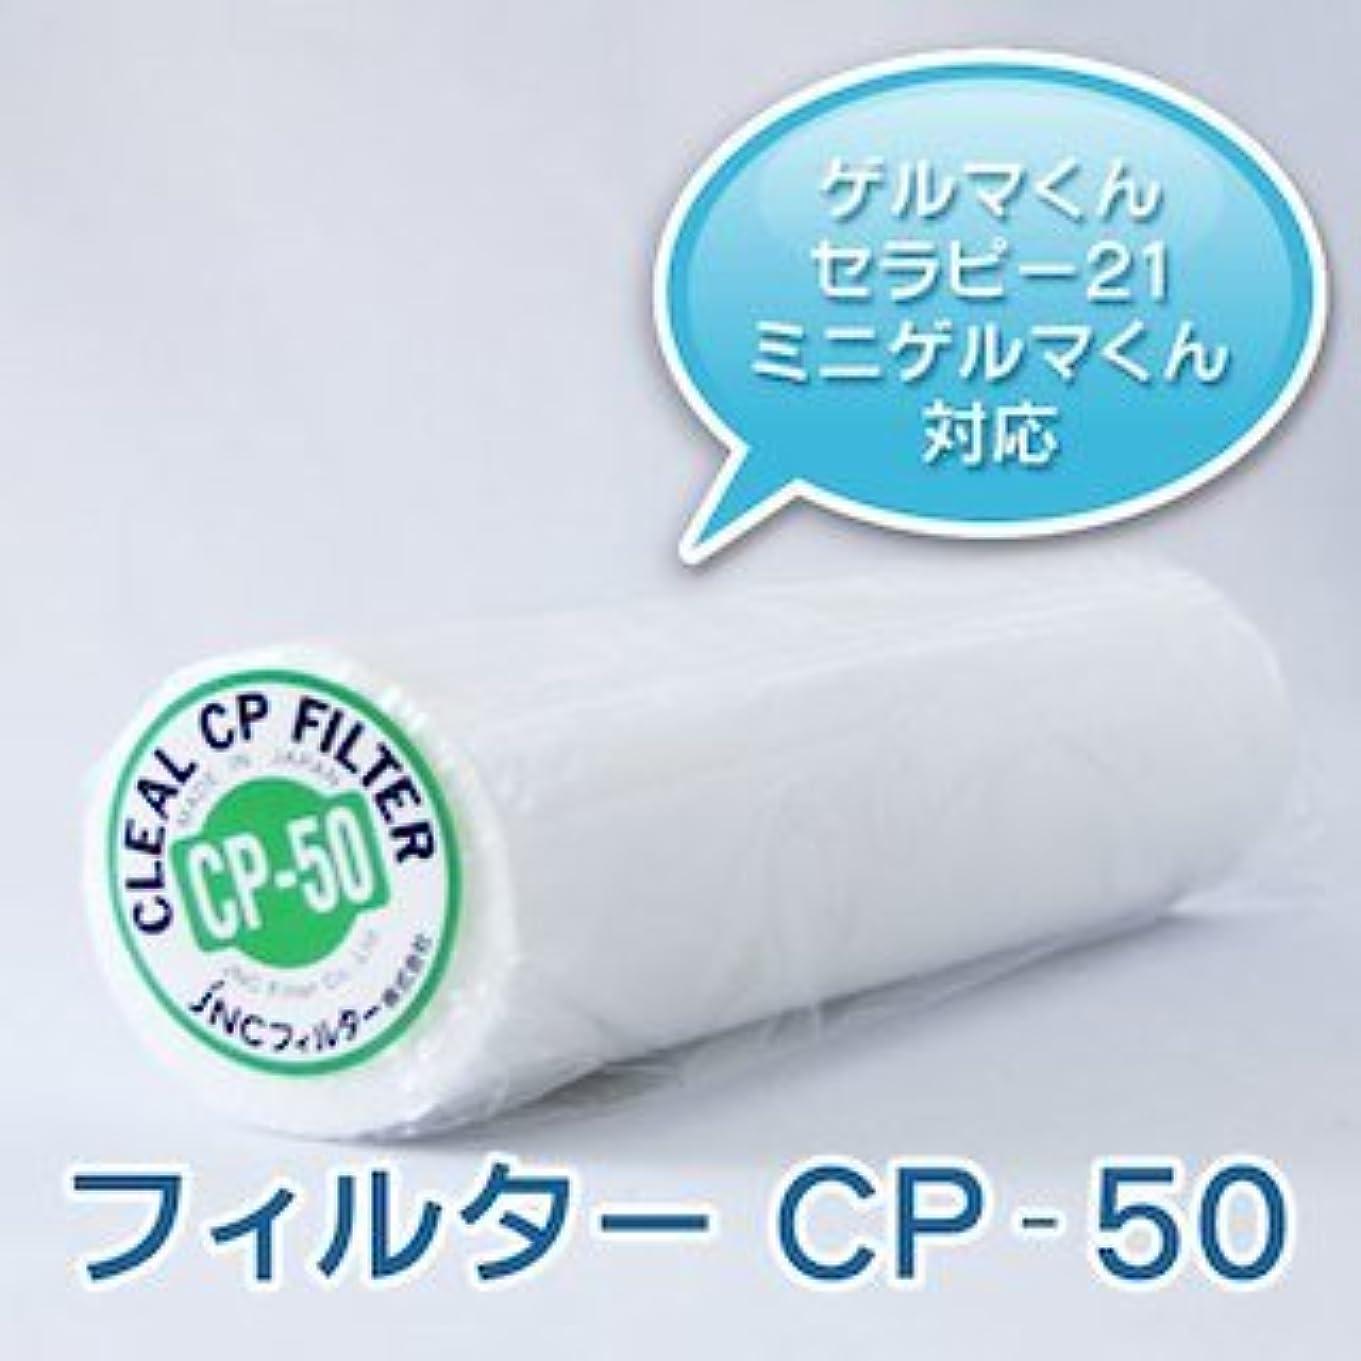 服を洗う整然とした【ゲルマ フィルター CP-50】 1本  ゲルマニウム 温浴器 ゲルマくん/セラピー21 対応